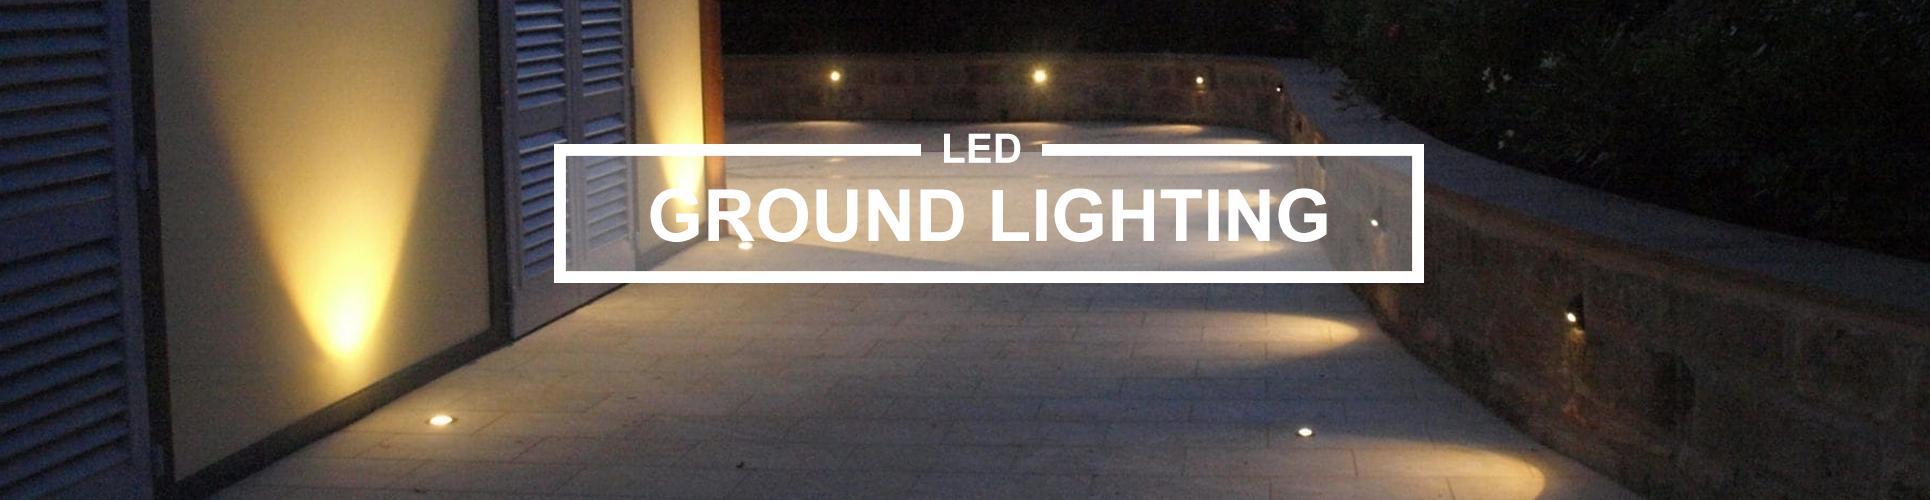 Ground lighting